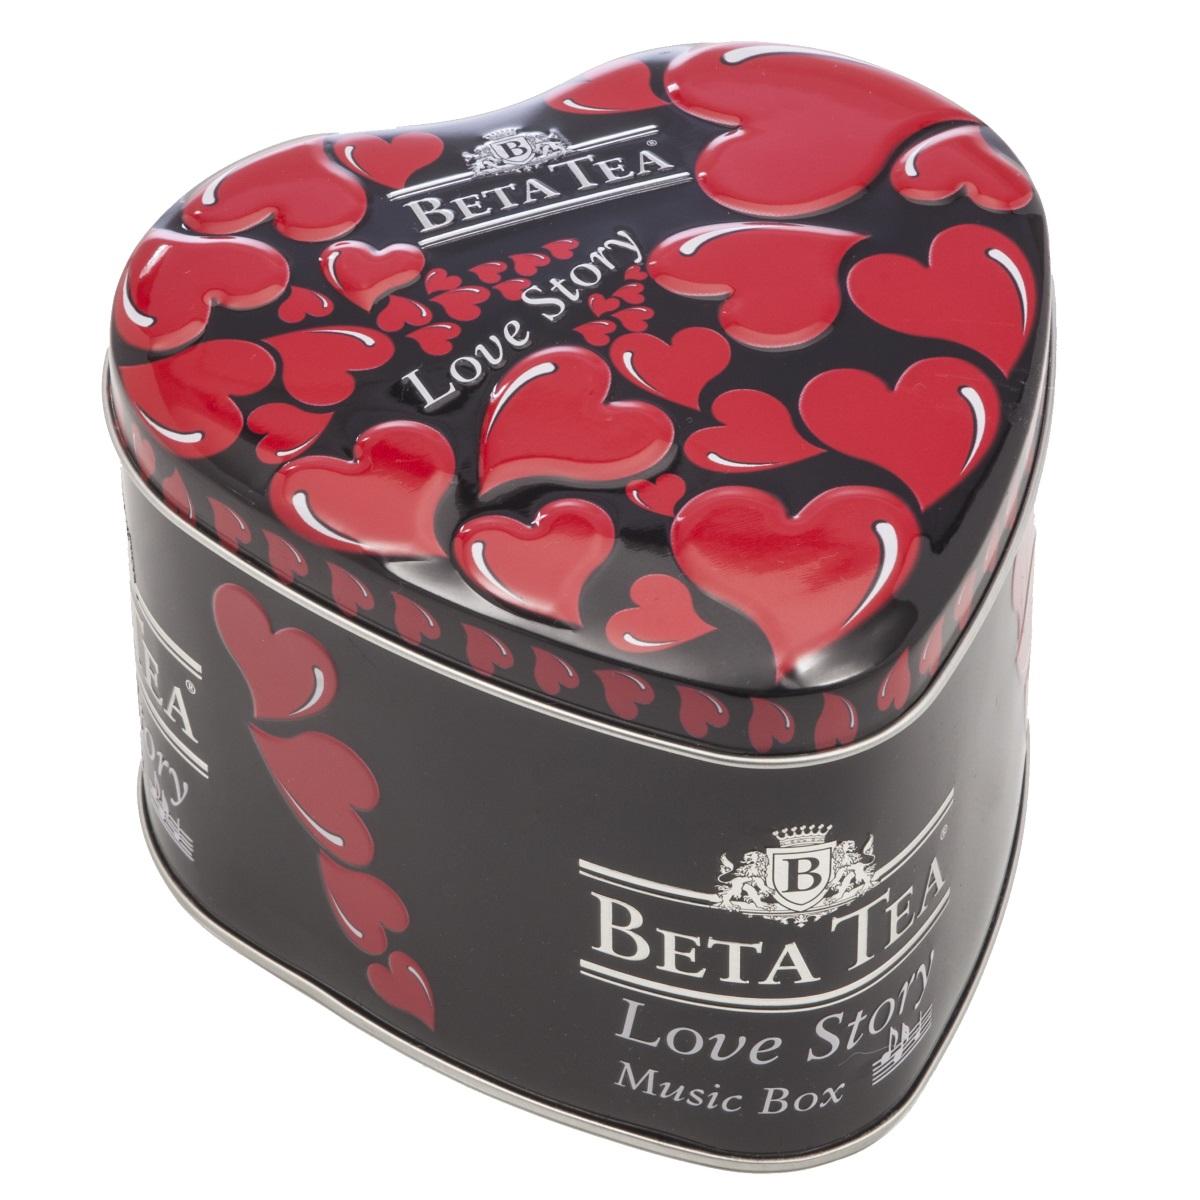 Beta Tea Любовная история черный чай, 100 г (музыкальная шкатулка)101246Черный цейлонский байховый среднелистовой чайBeta Любовная история. Оригинальная упаковка чая в виде сердца с музыкальным механизмом станет идеальным подарком по любому поводу.Подарок от всего сердца - любовная история, сокрытая в музыкальной шкатулке с романтичной мелодией и огненно-красными символами страсти!